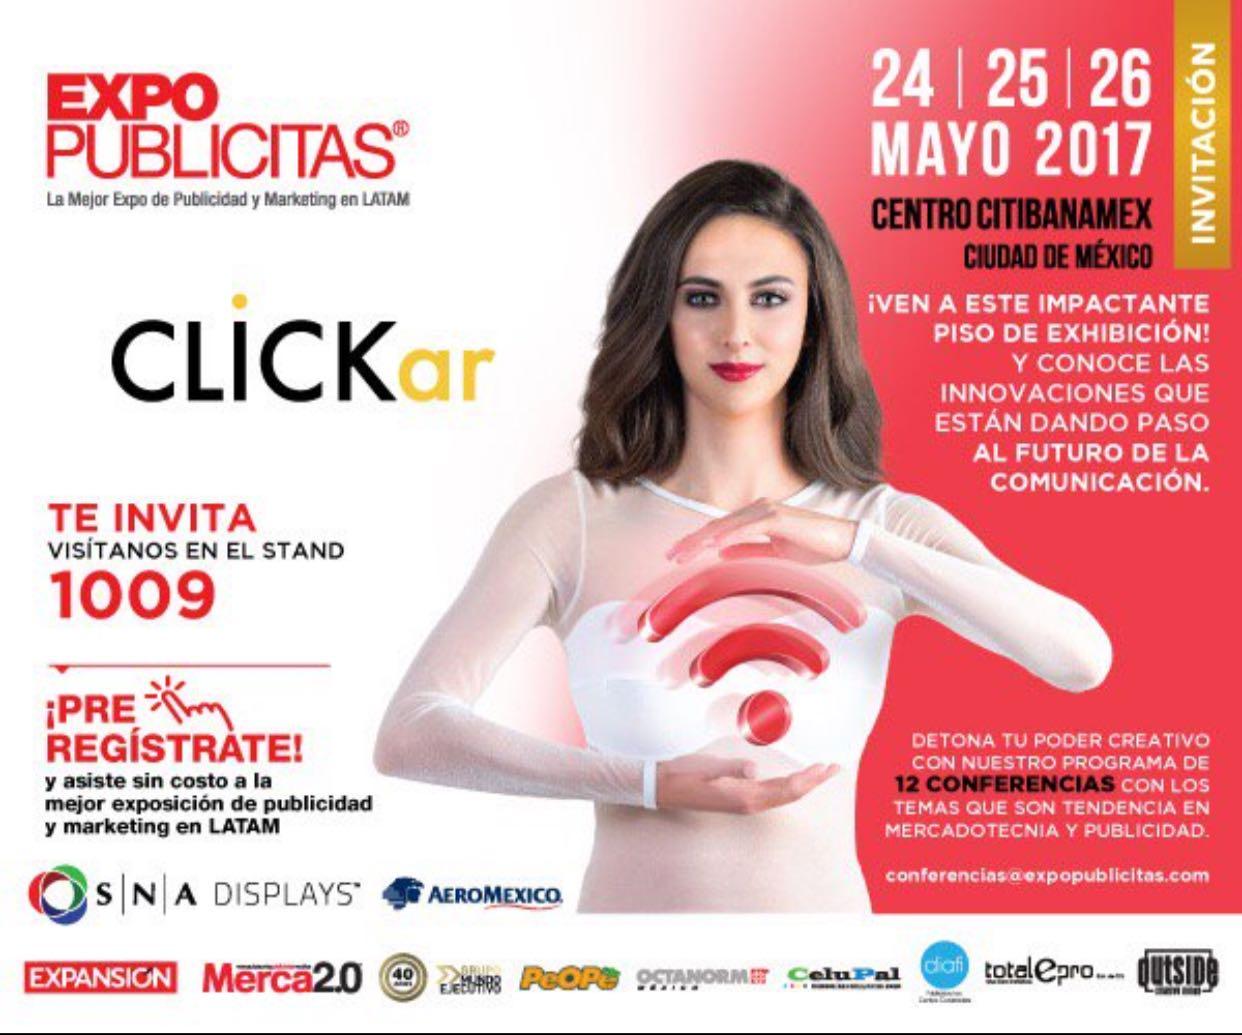 expo publicitas